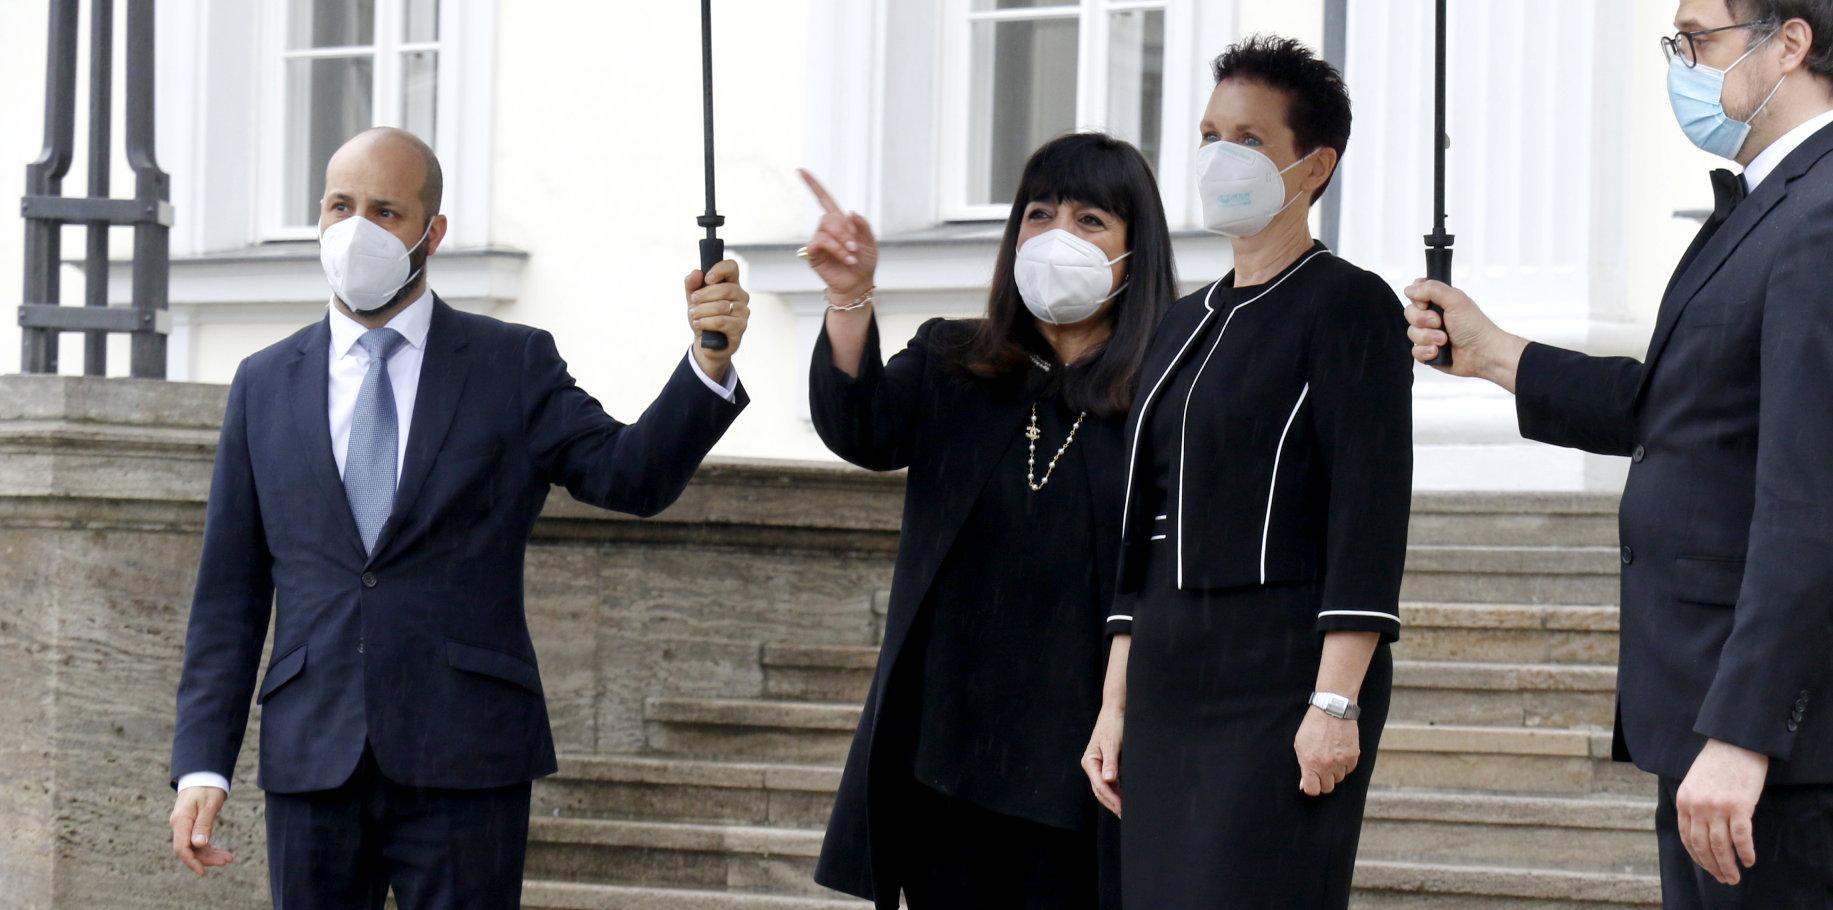 Botschafterin der Hellenischen Republik, Maria Marinaki, bei Bundespräsident Frank-Walter Steinmeier im Schloss Bellevue akkreditiert